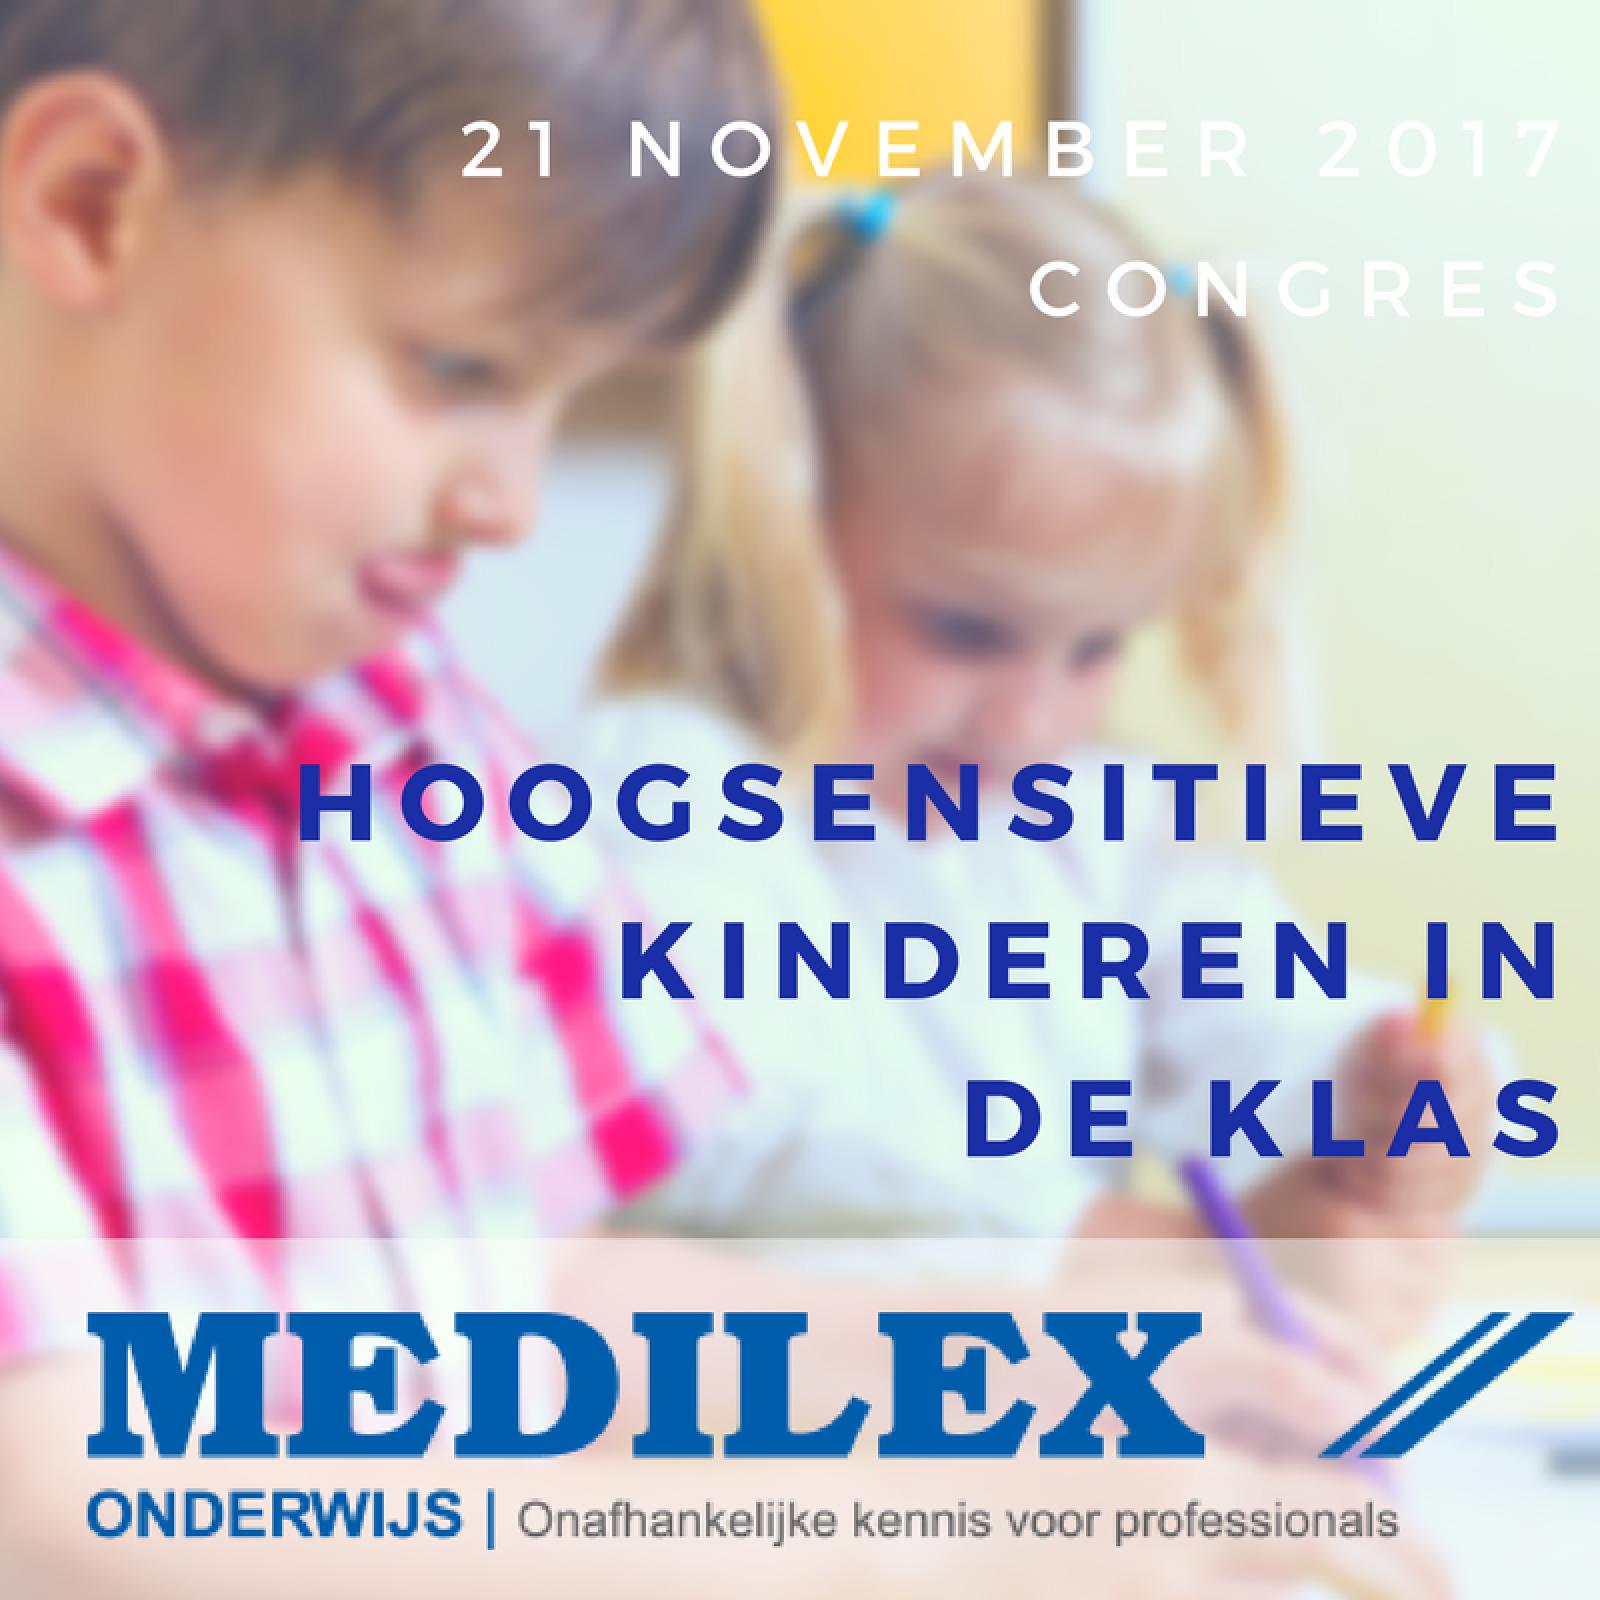 medilex-congres-hoogsensitieve-kinderen-klas-hooggevoeligheelgewoon